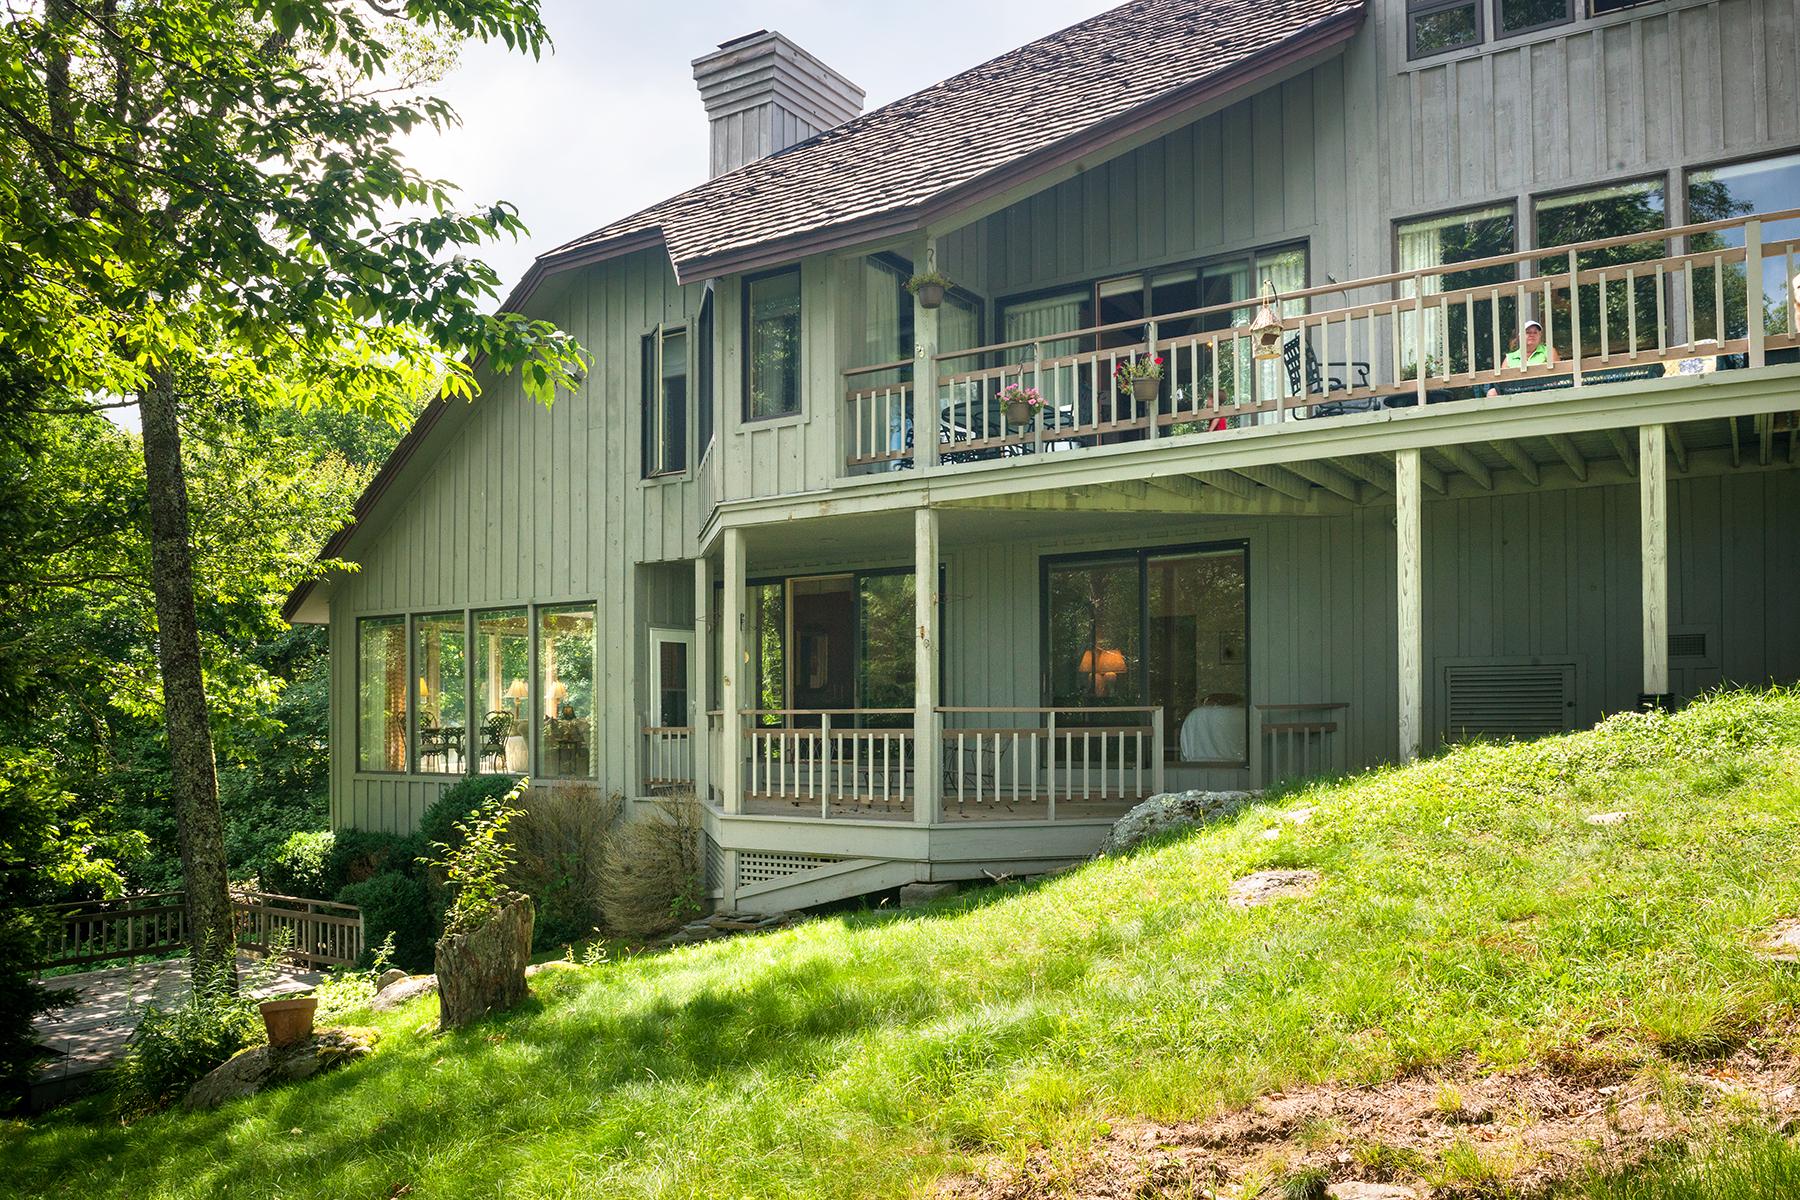 Eigentumswohnung für Verkauf beim LINVILLE - LINVILLE RIDGE 101 Branlaire Linville, North Carolina, 28646 Vereinigte Staaten